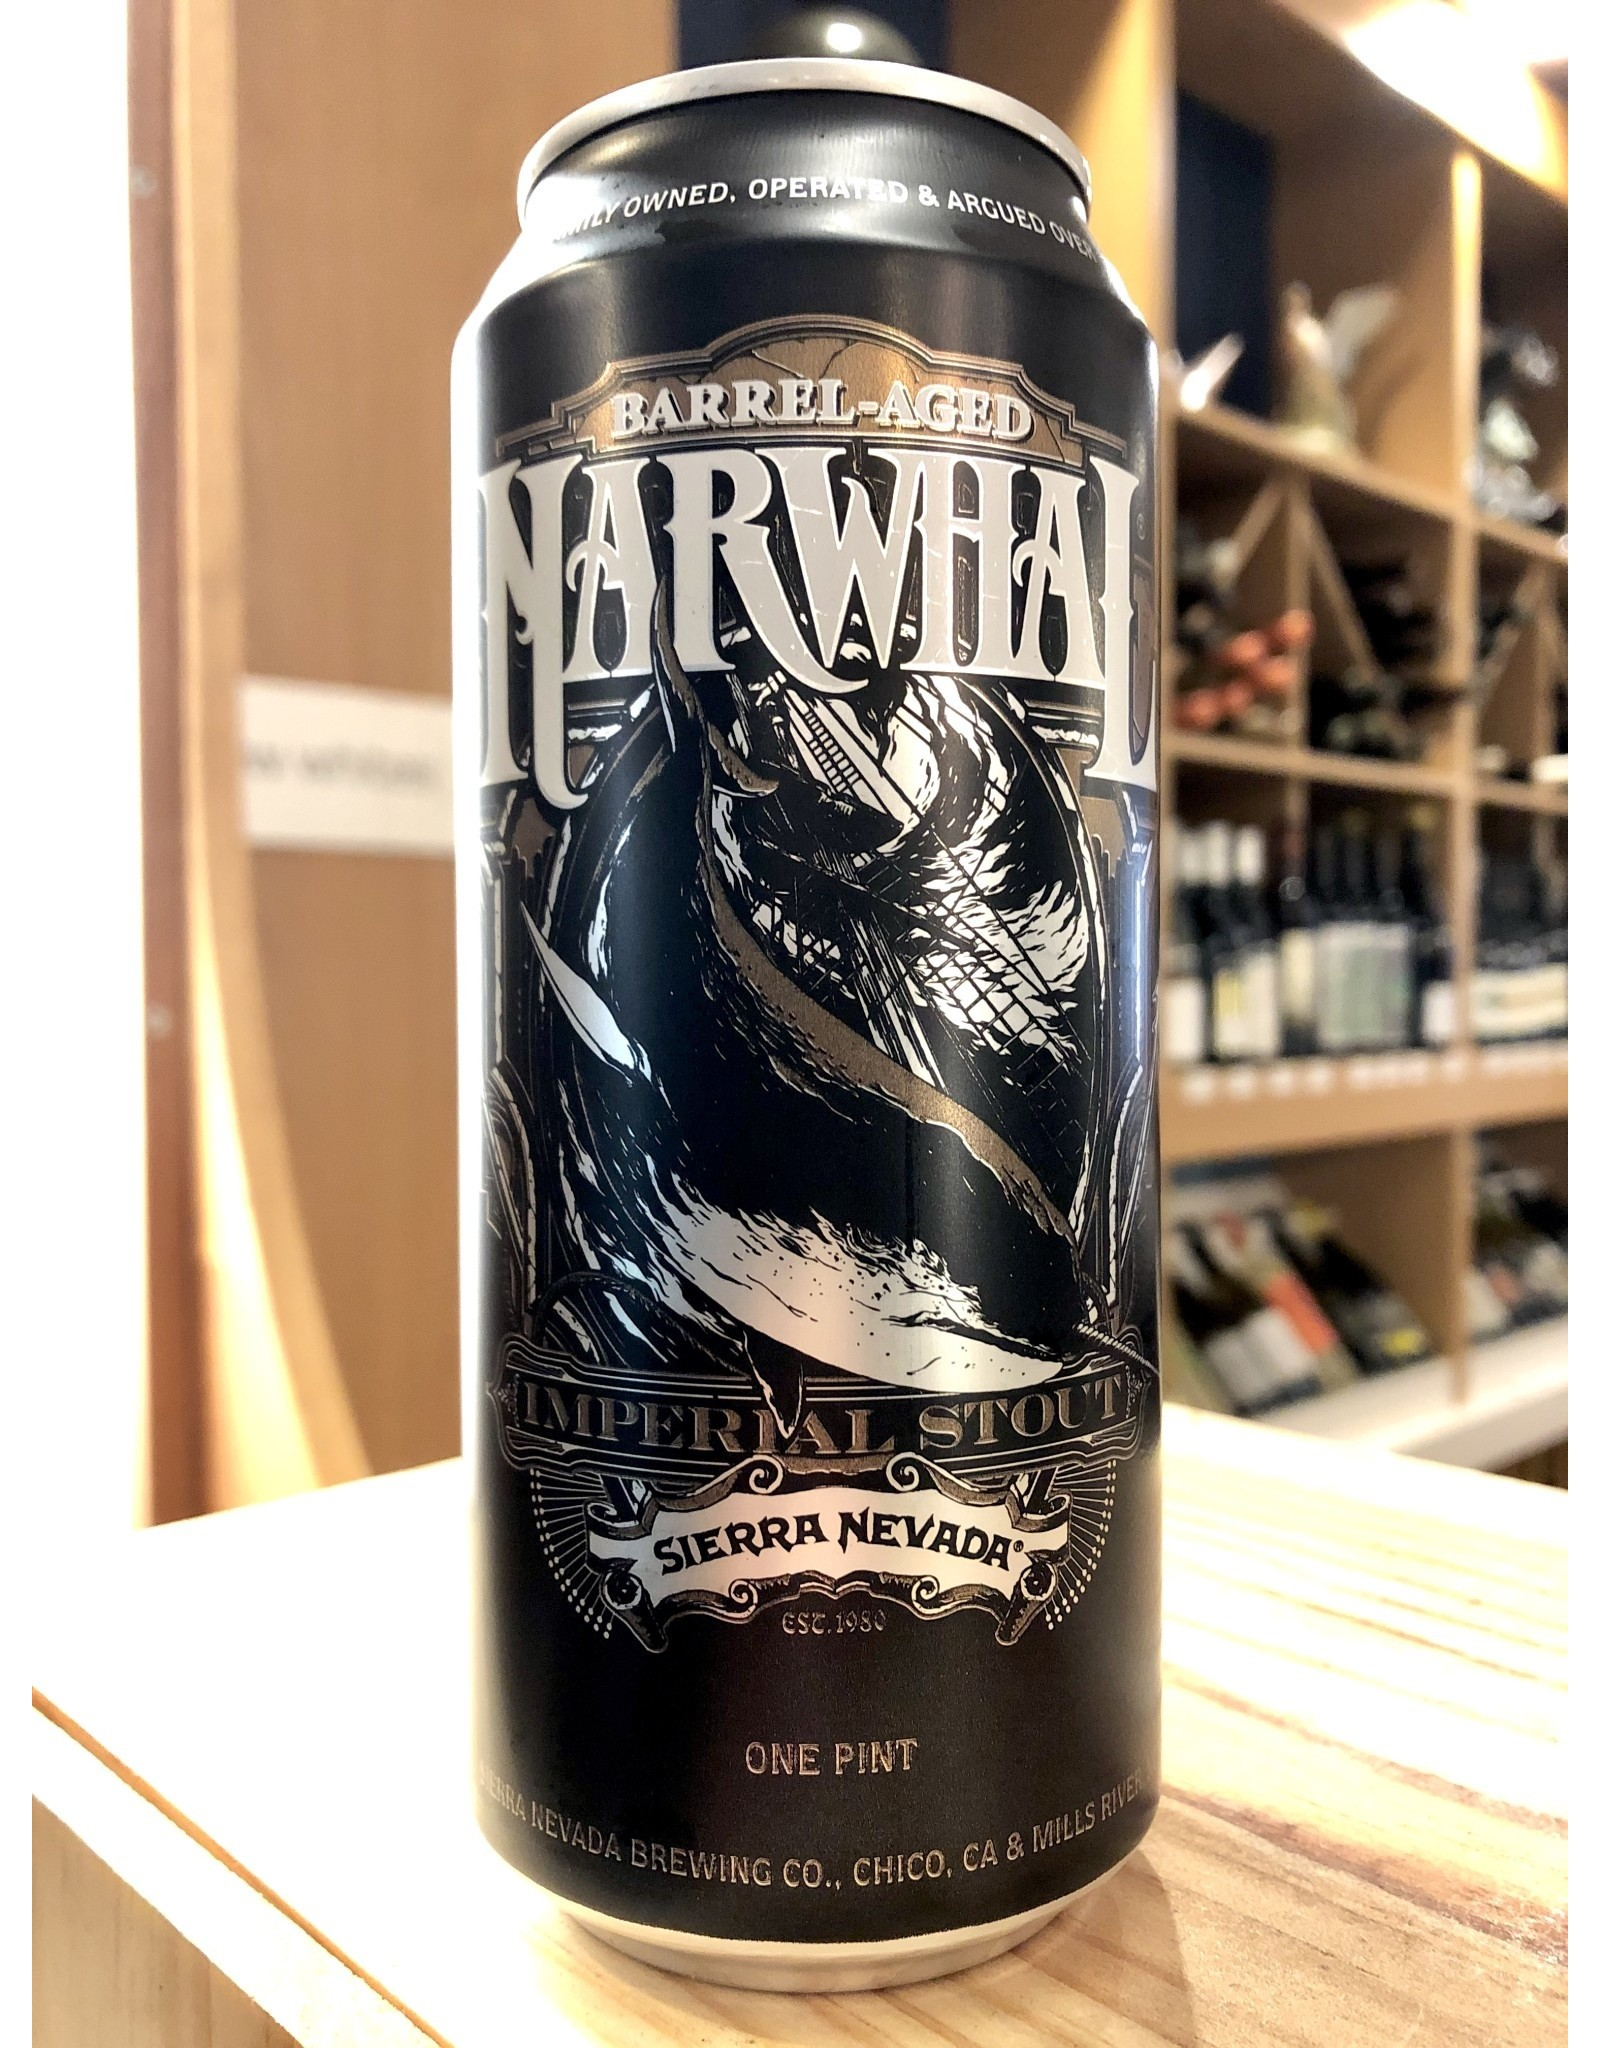 Sierra Nevada Barrel Aged Narwhal Can - 16 oz.